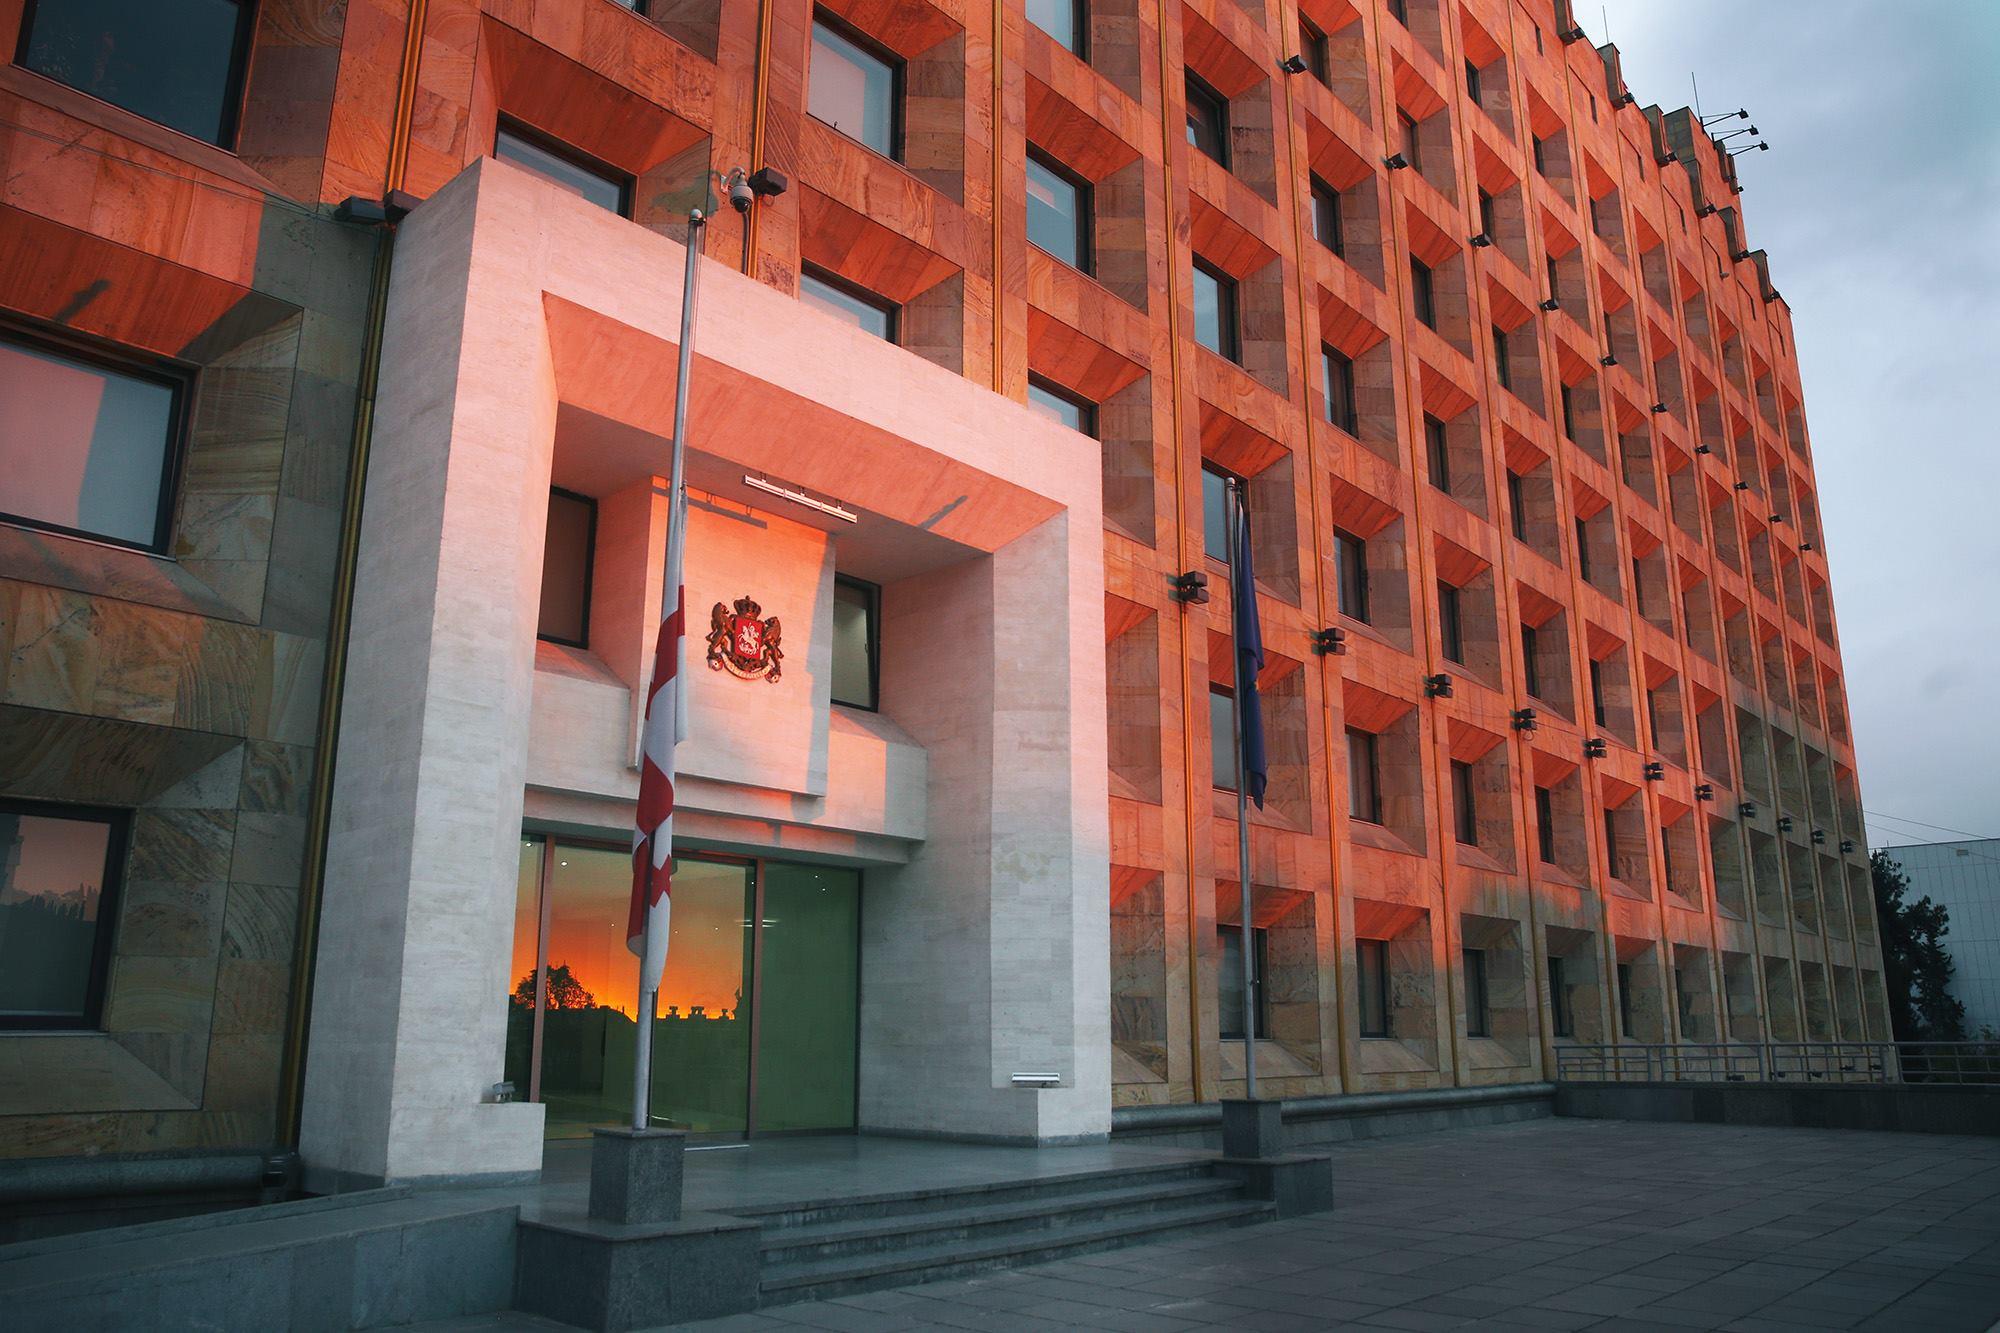 საქართველოს მთავრობის ადმინისტრაციის შენობაზე სახელმწიფო დროშა დაეშვა